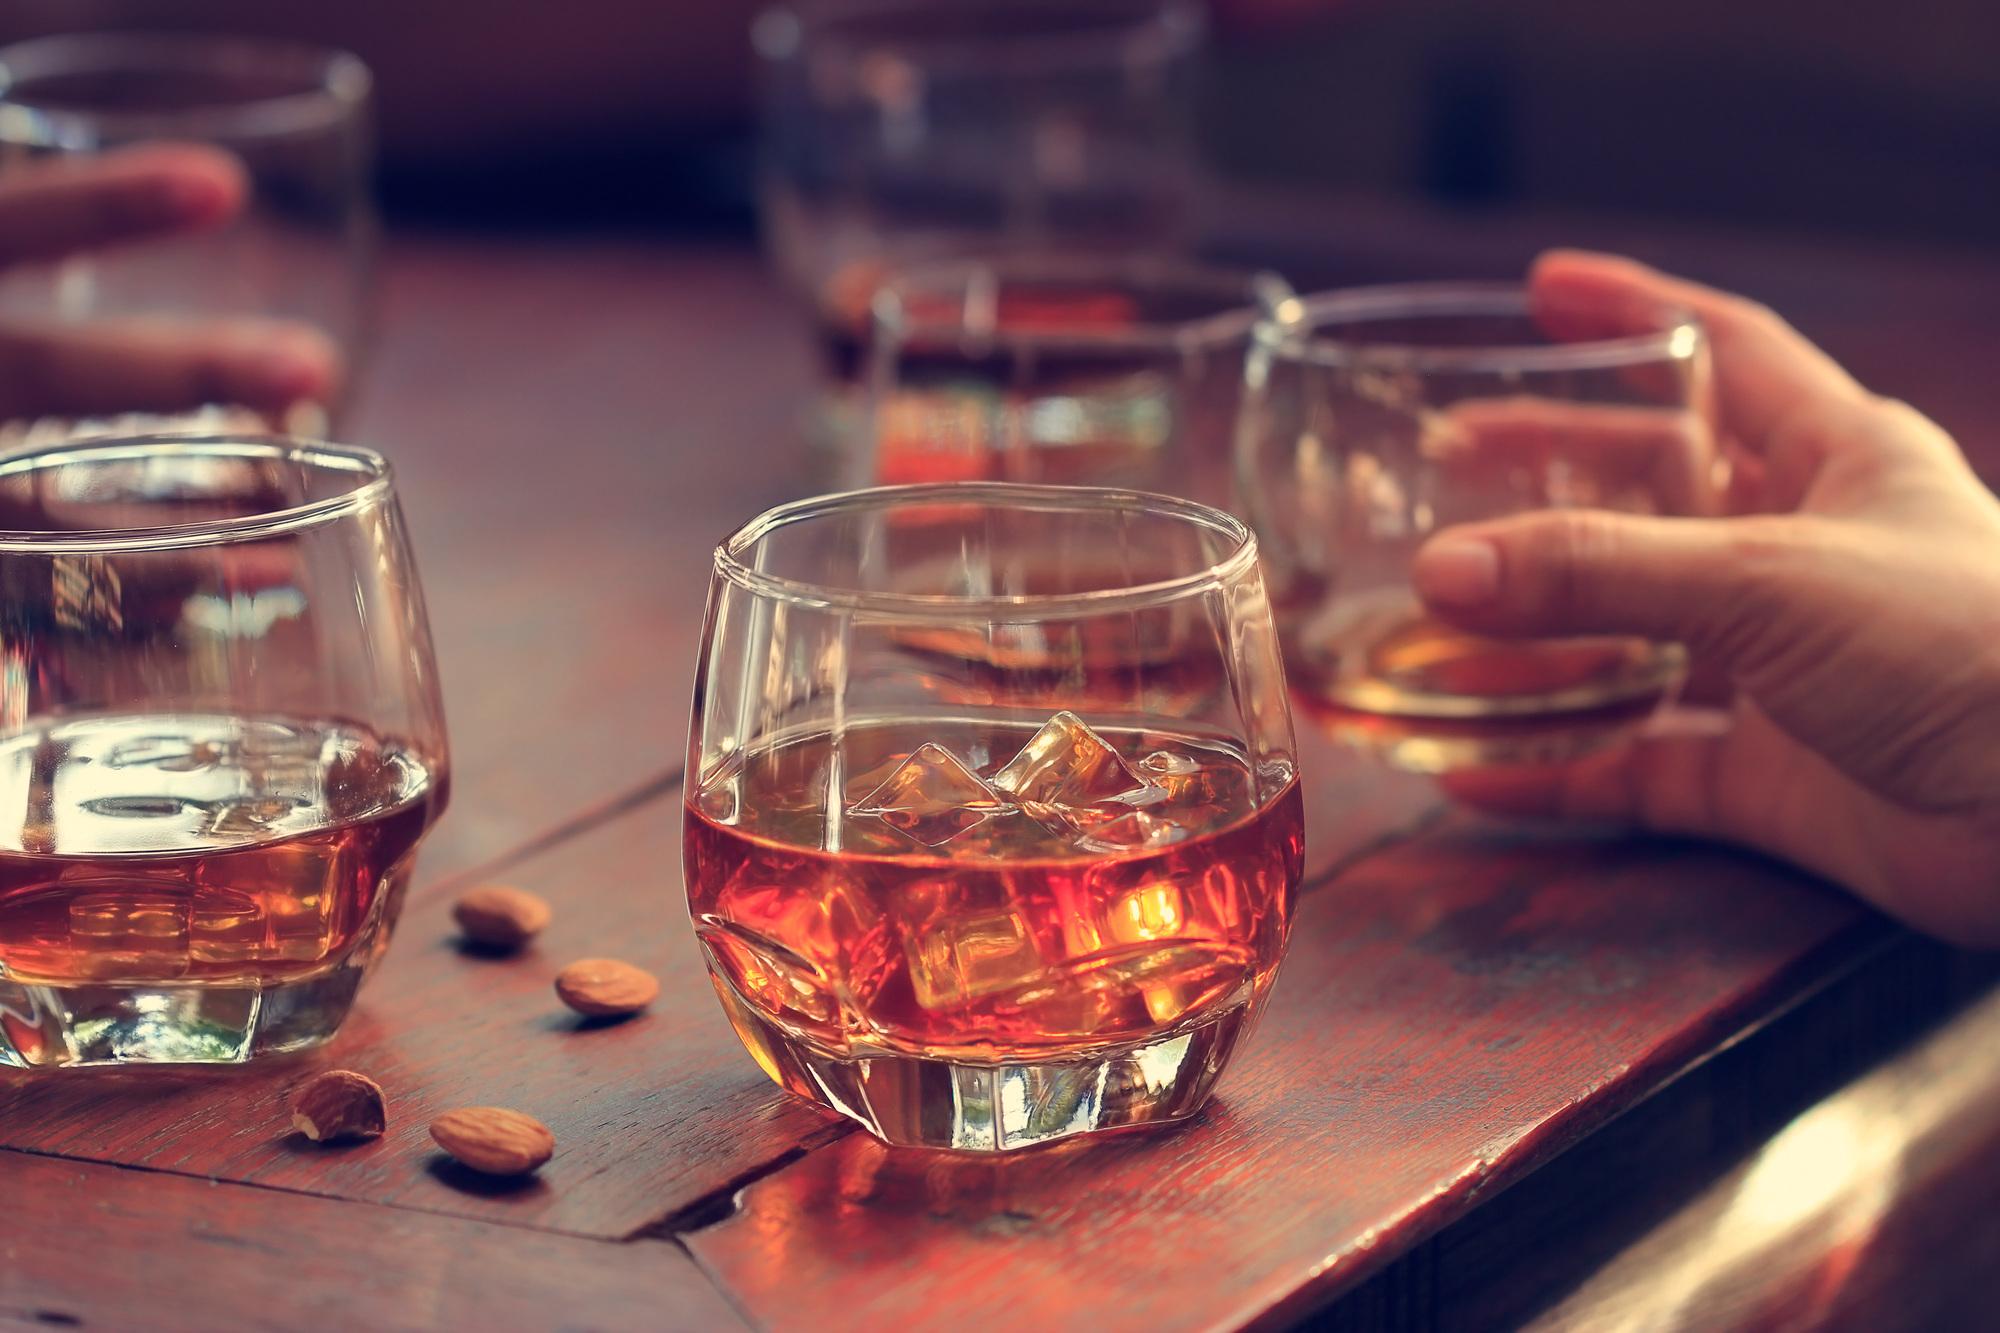 アーモンドはお酒との相性が抜群!効果や注意点、おすすめまとめ